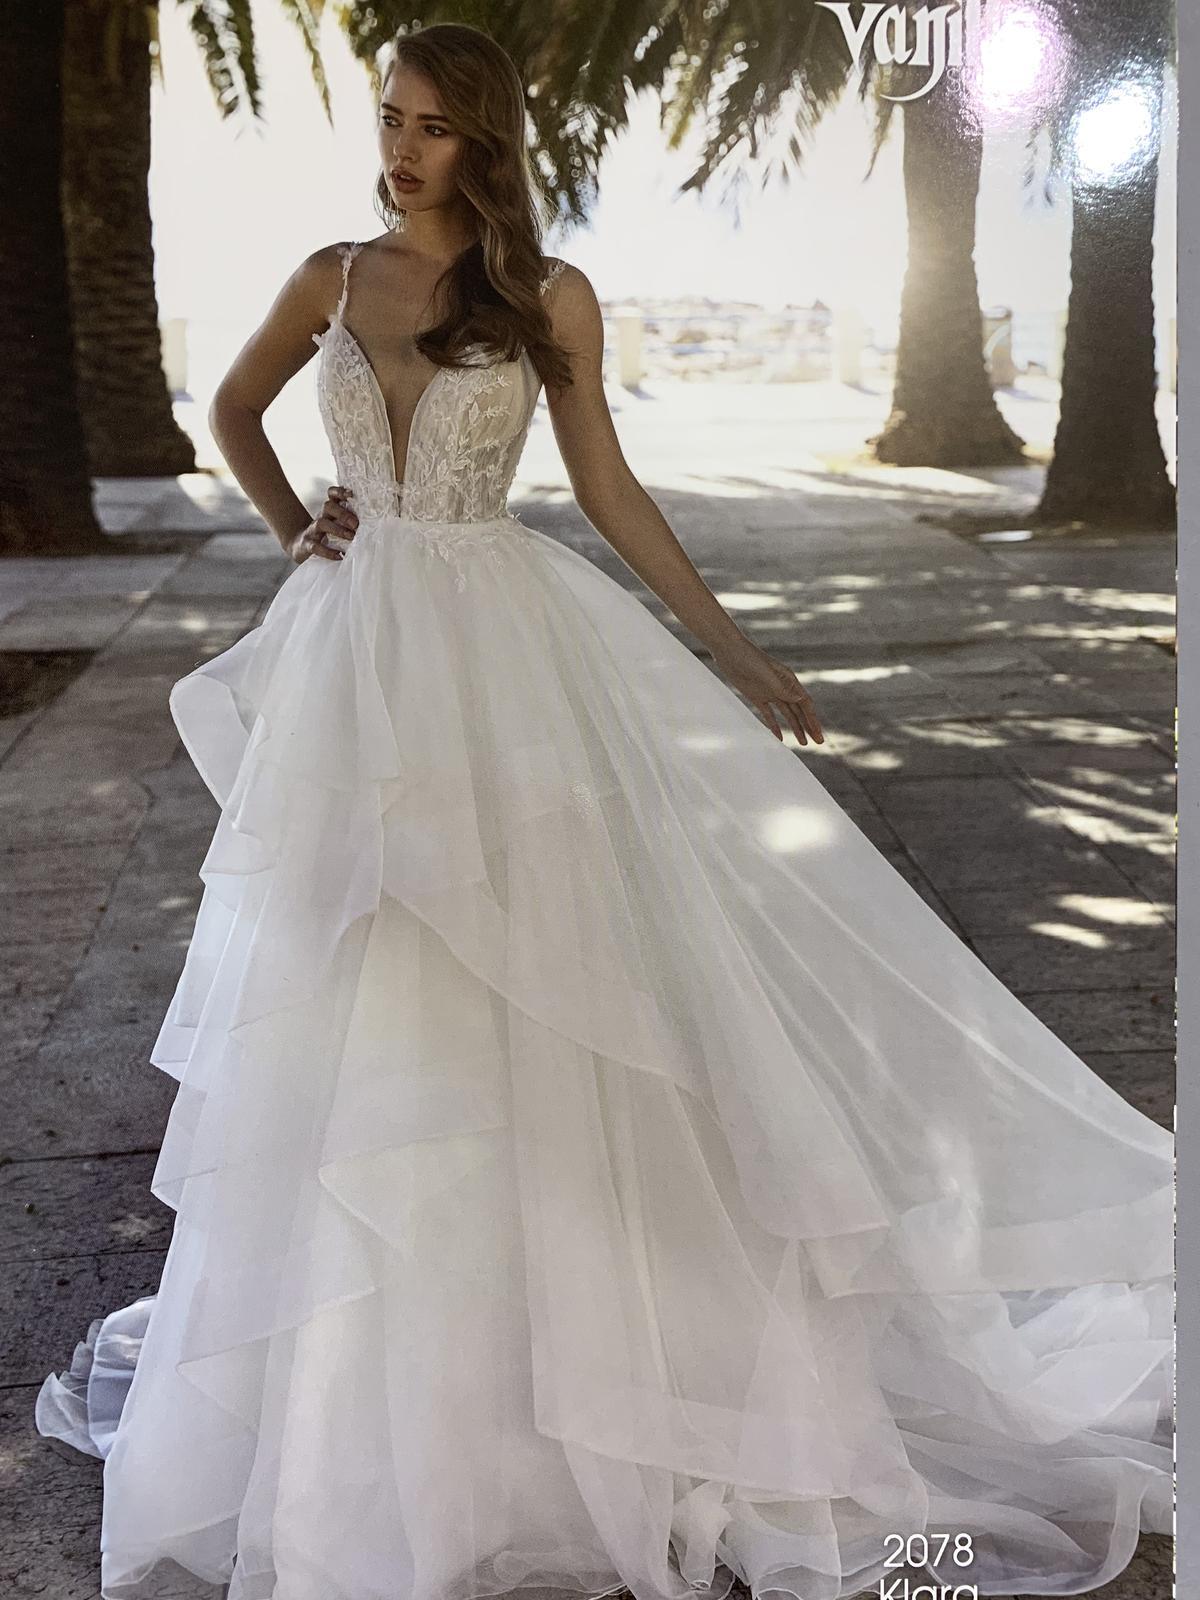 Trochu jiné svatebni šaty, vel 36. - Obrázek č. 1